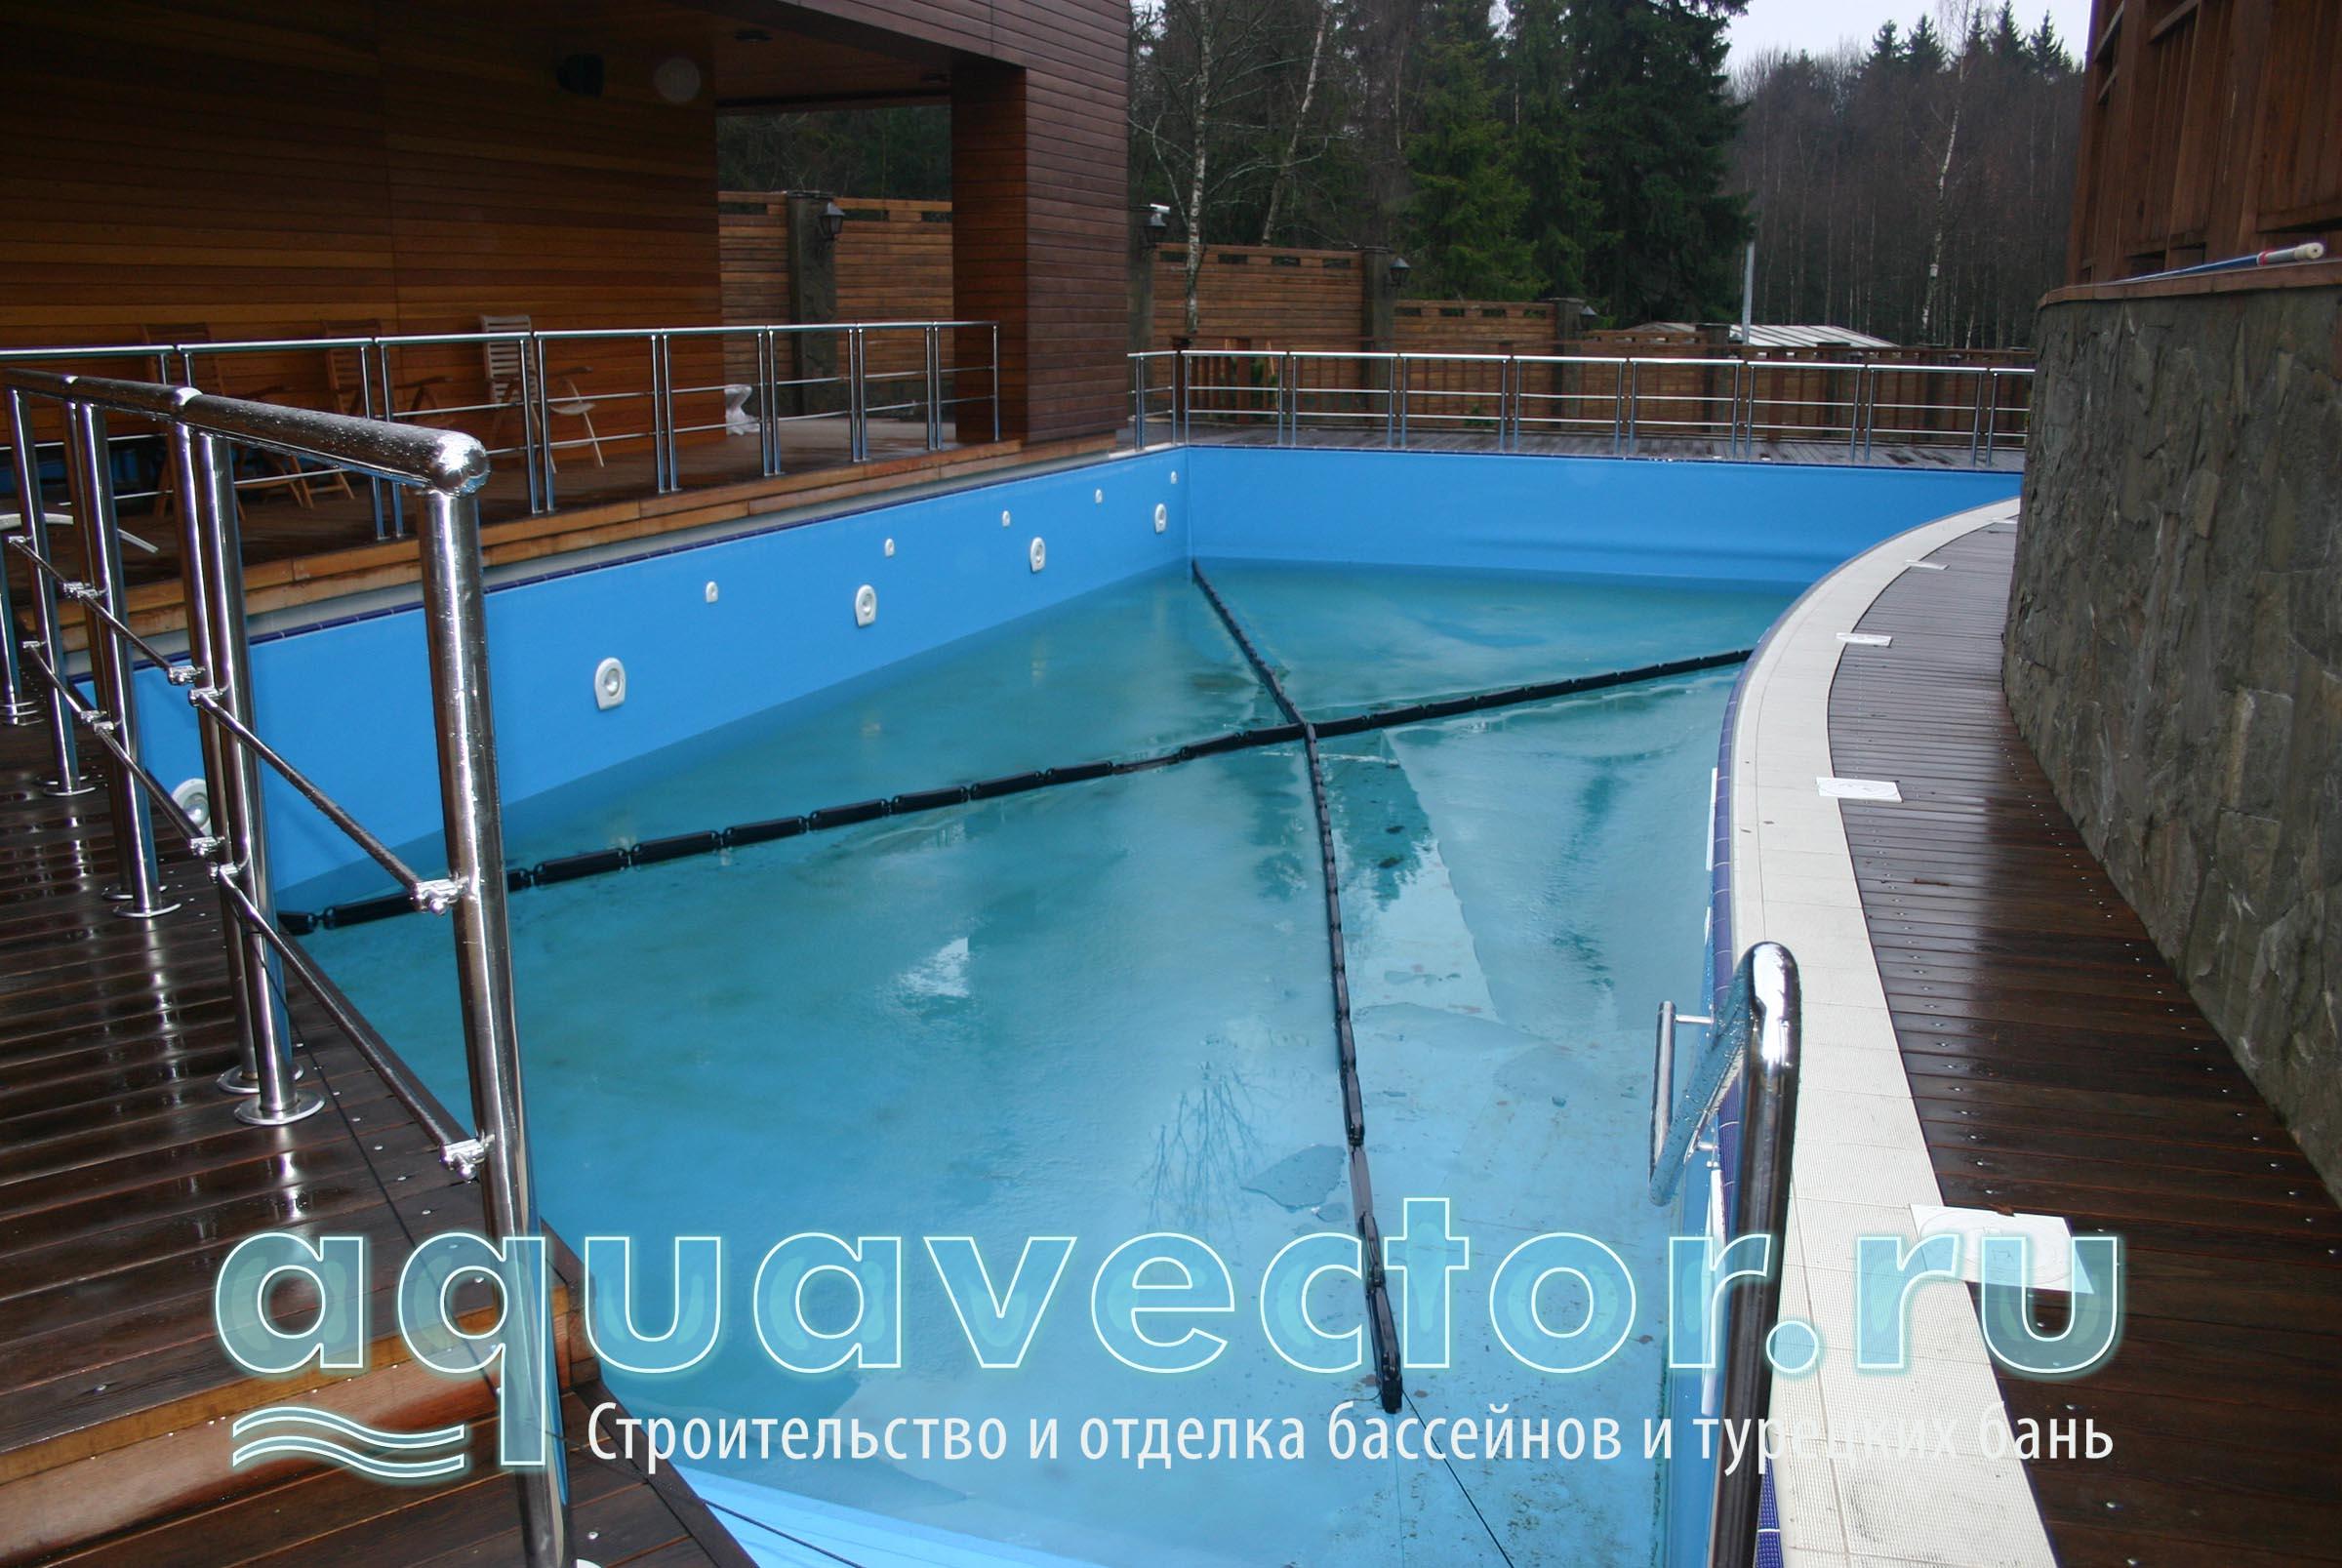 Подготовка к зиме уличного бассейна